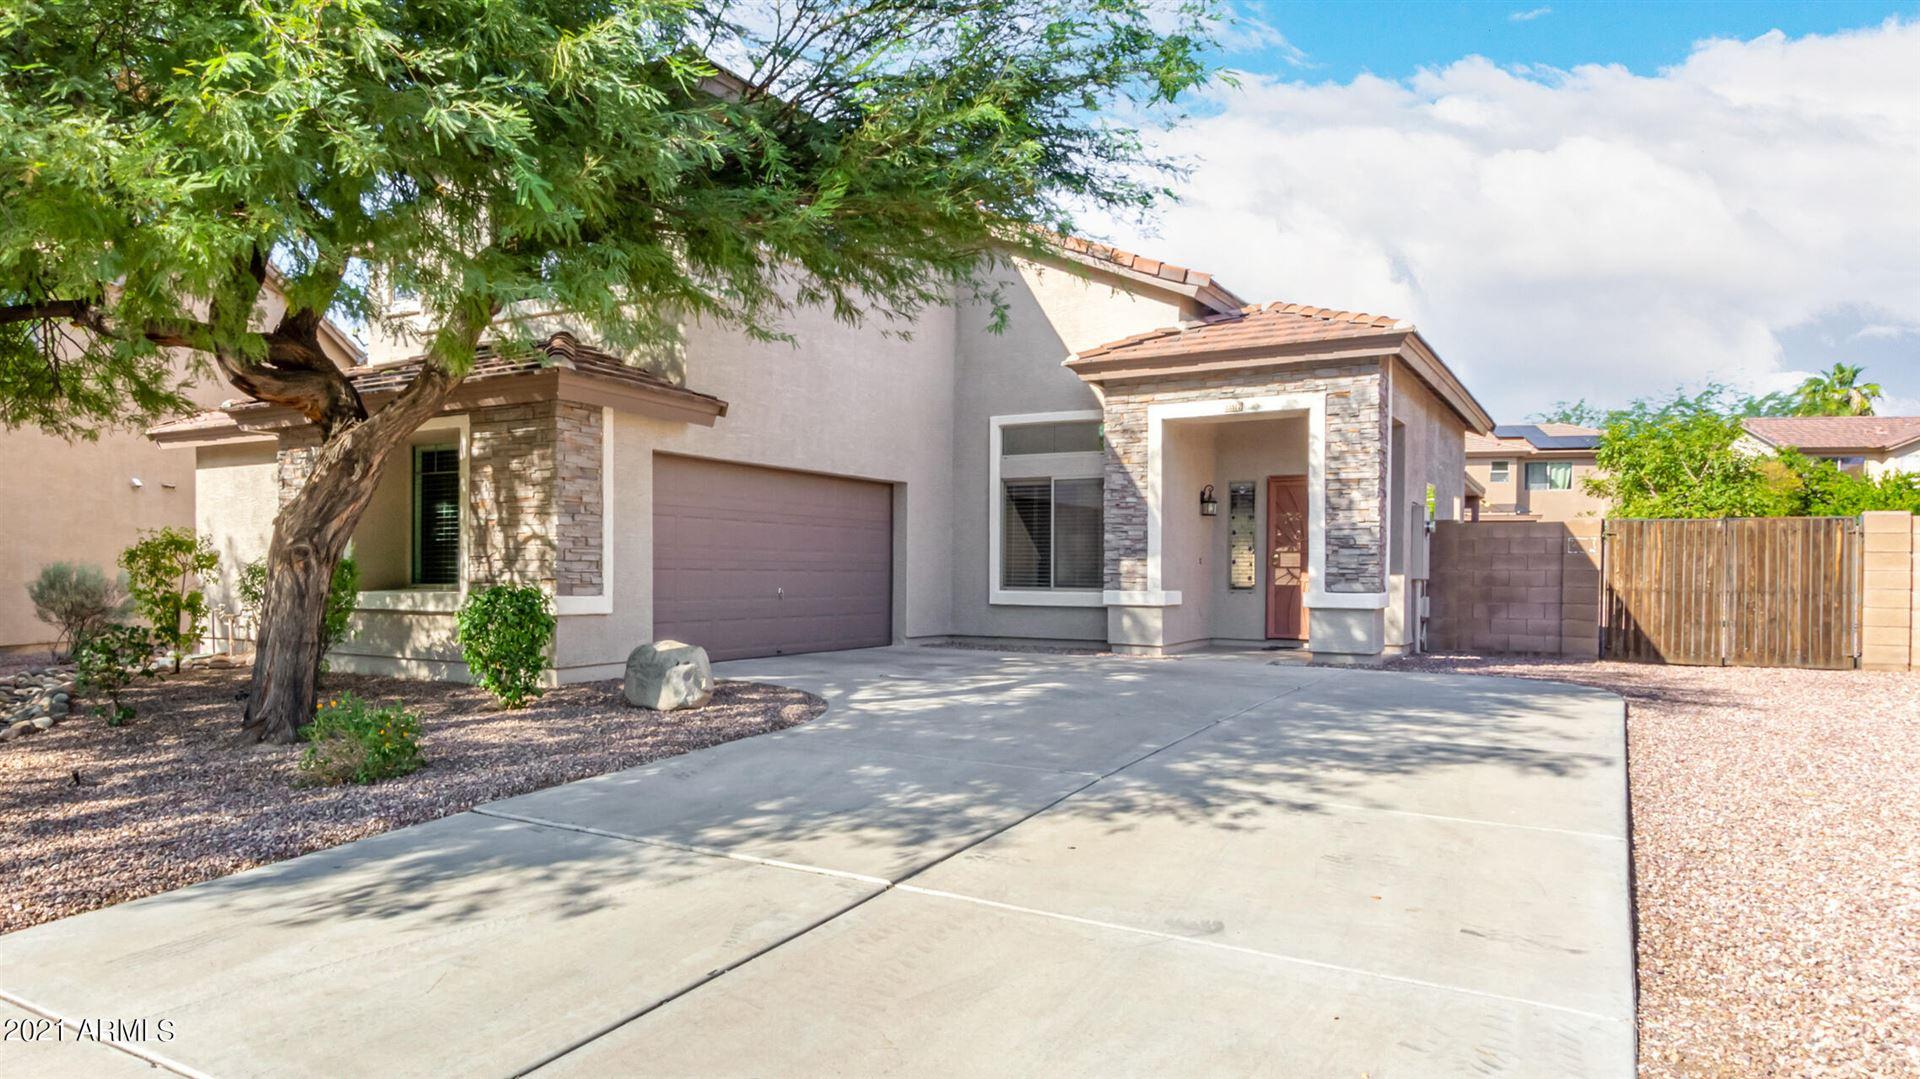 Photo of 13512 W Keim Drive, Litchfield Park, AZ 85340 (MLS # 6304165)